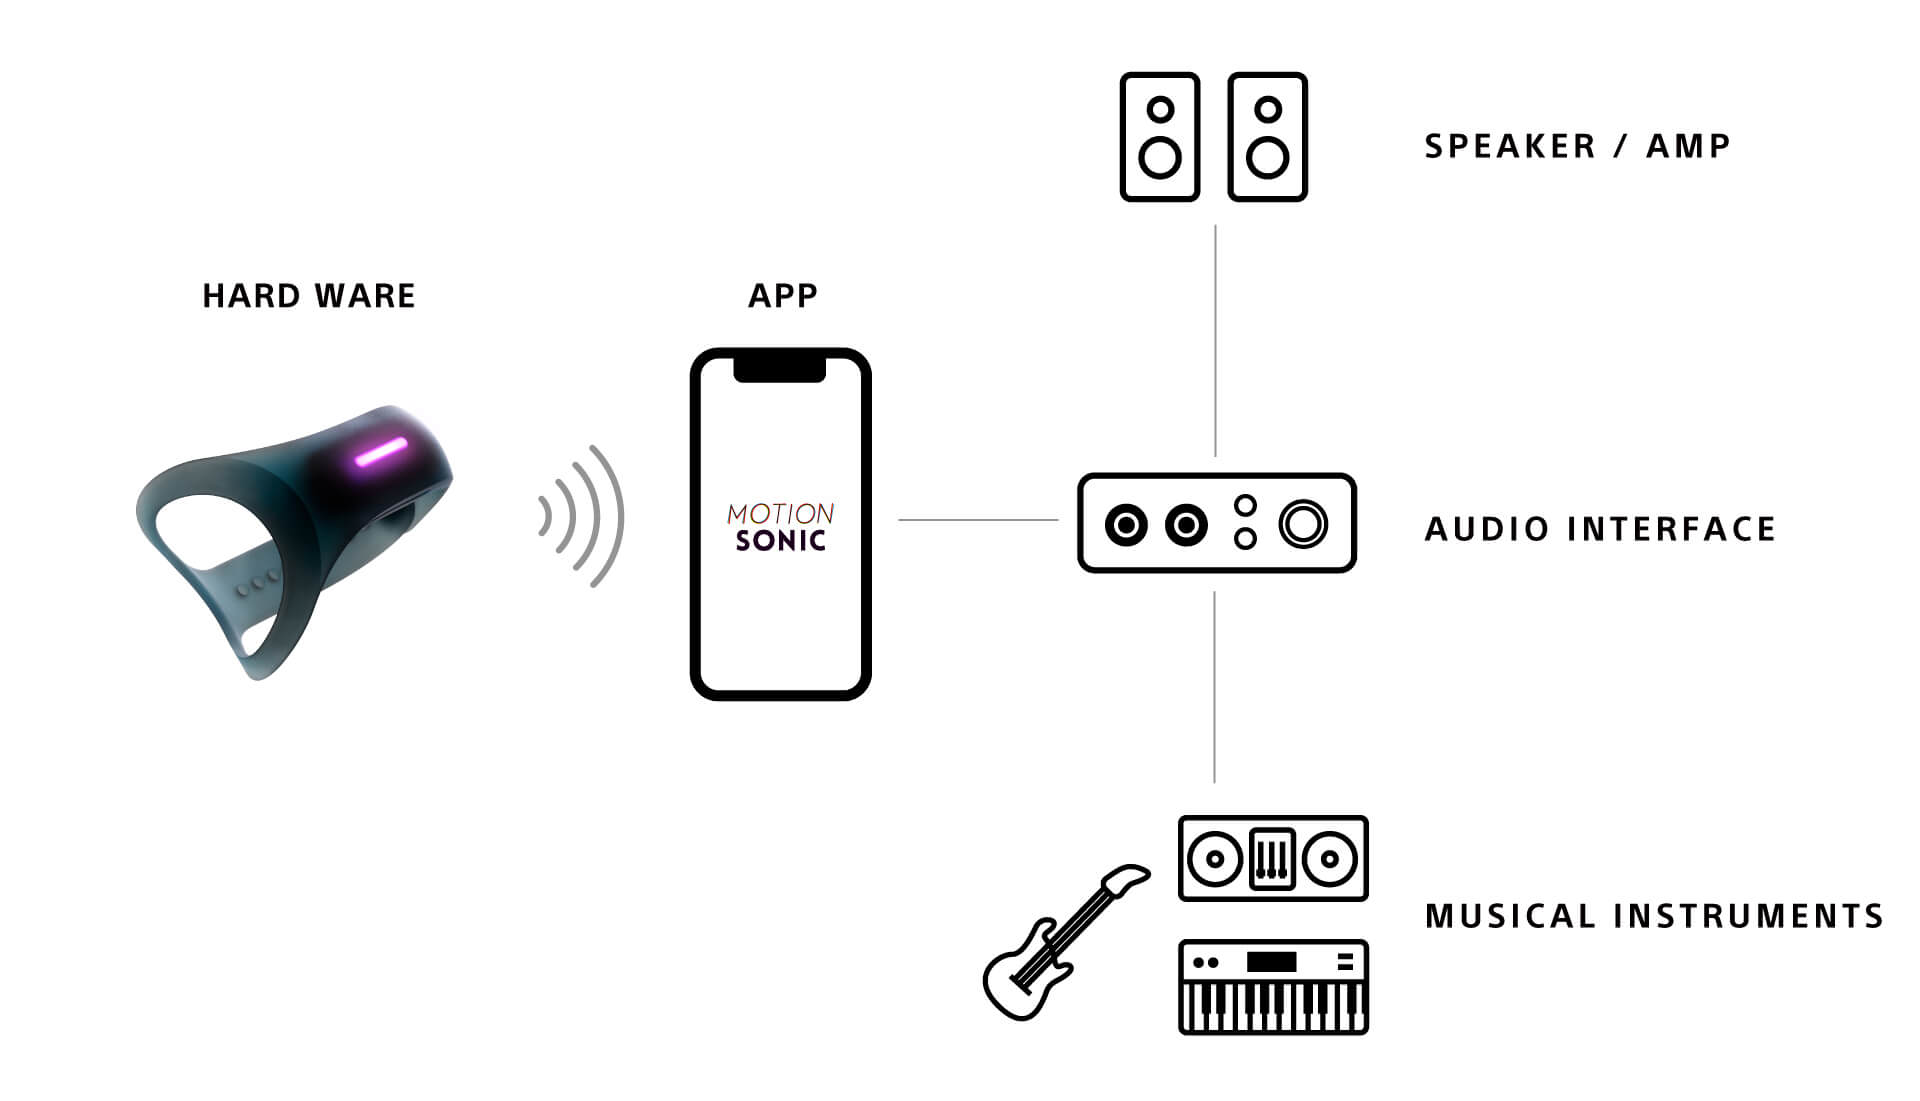 Sonyより体の動きで音を変化させるエフェクター「MOTION SONIC」が登場!Indiegogoにてクラウドファンディングの募集開始 music210531_sony-motion-sonic-210531_7